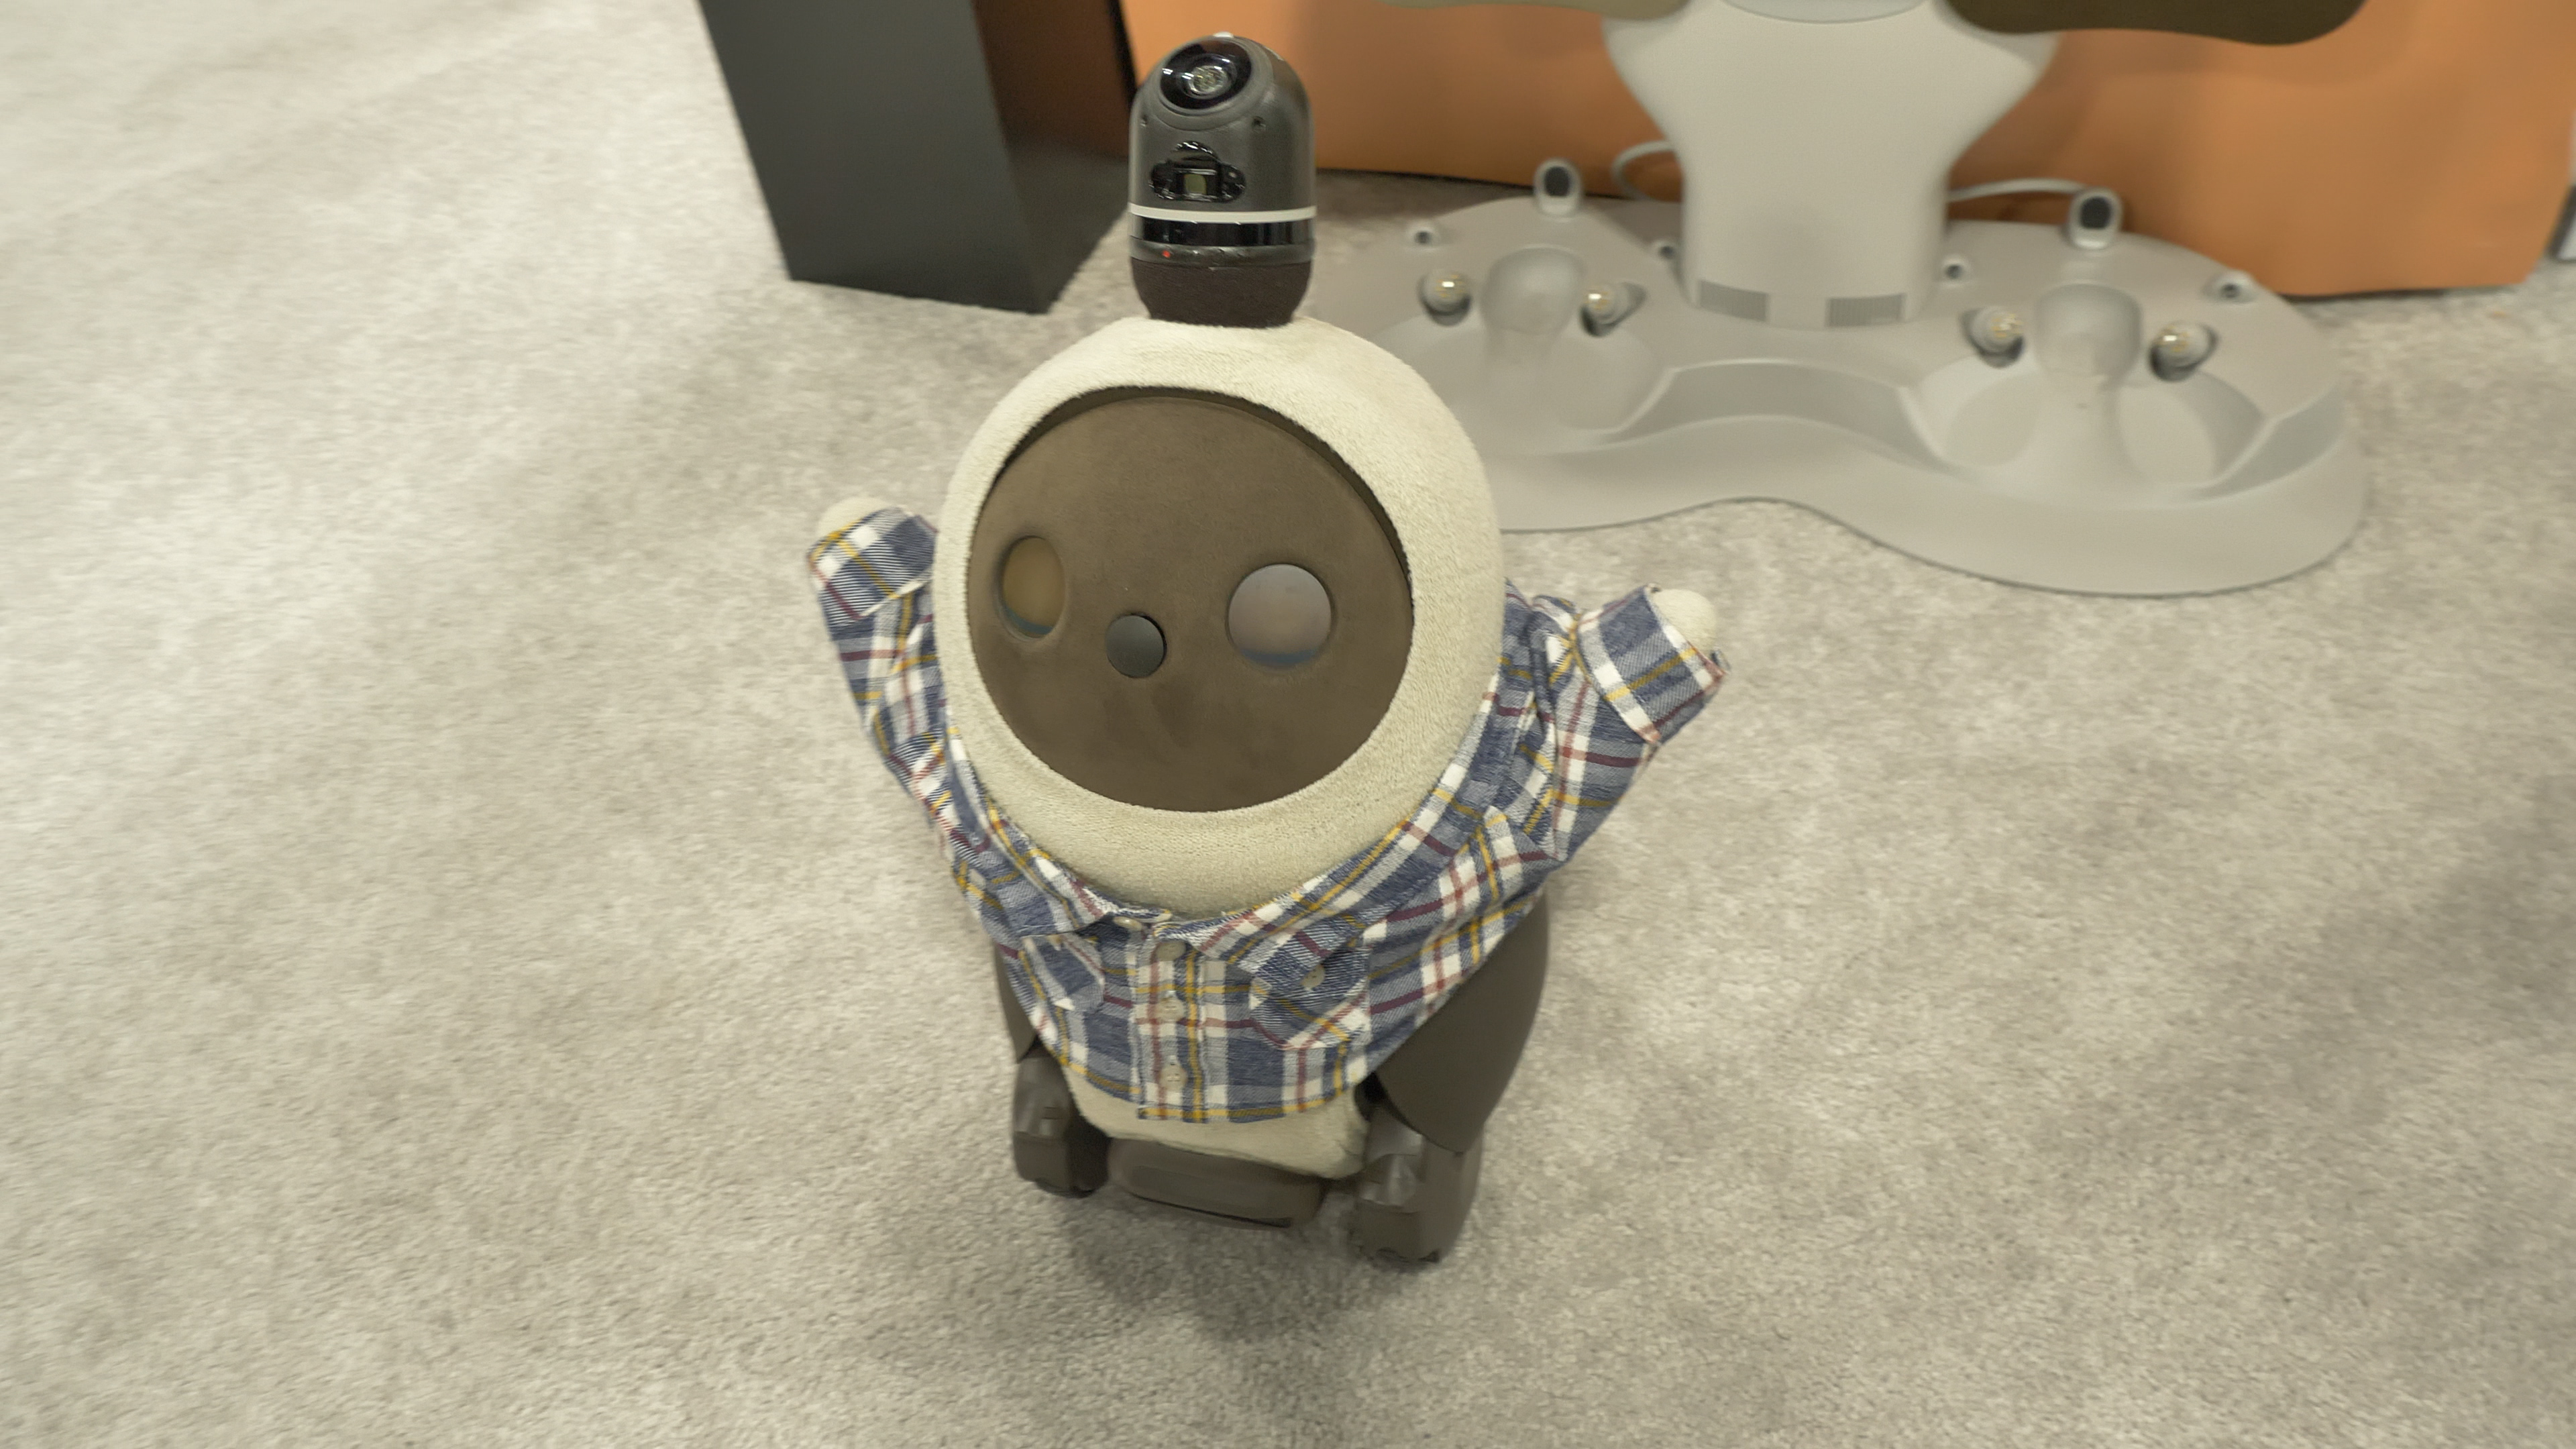 Lovot im Hands-on: Knuddeliger geht ein Roboter kaum - Nachdem Lovot aufgewacht ist, streckt sich der kleine Roboter erst einmal. (Bild: Martin Wolf/Golem.de)